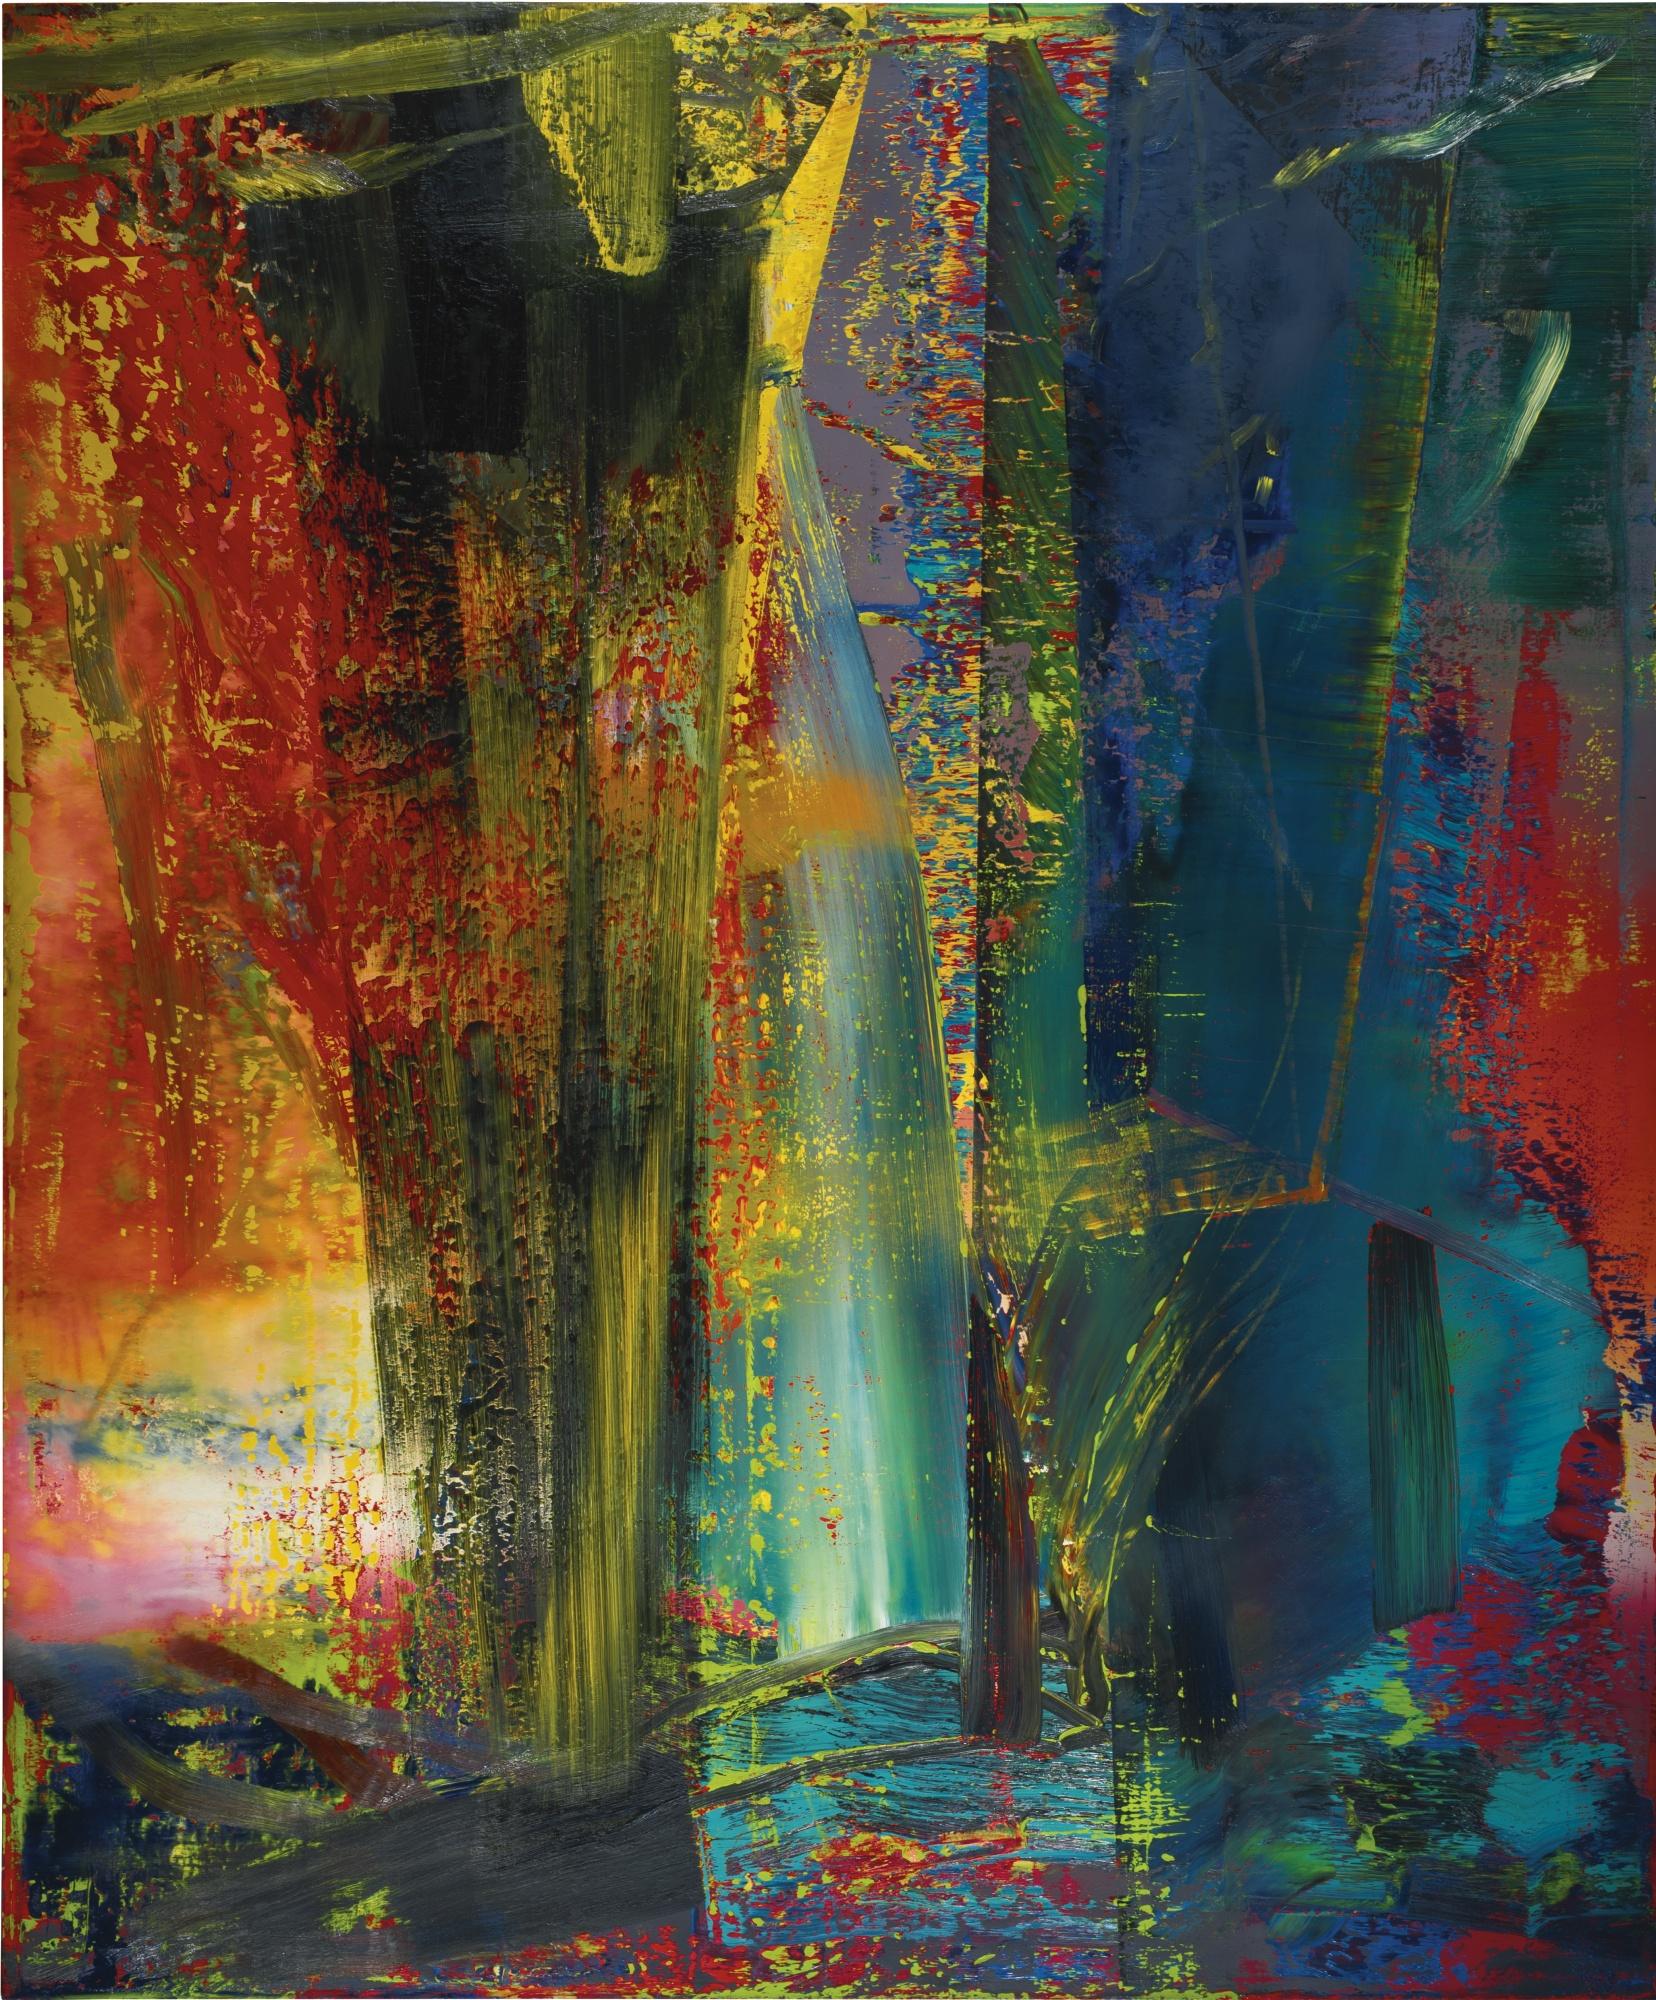 Peintre Contemporain Célèbre Vivant 6 peintures abstraites de grands artistes vivants